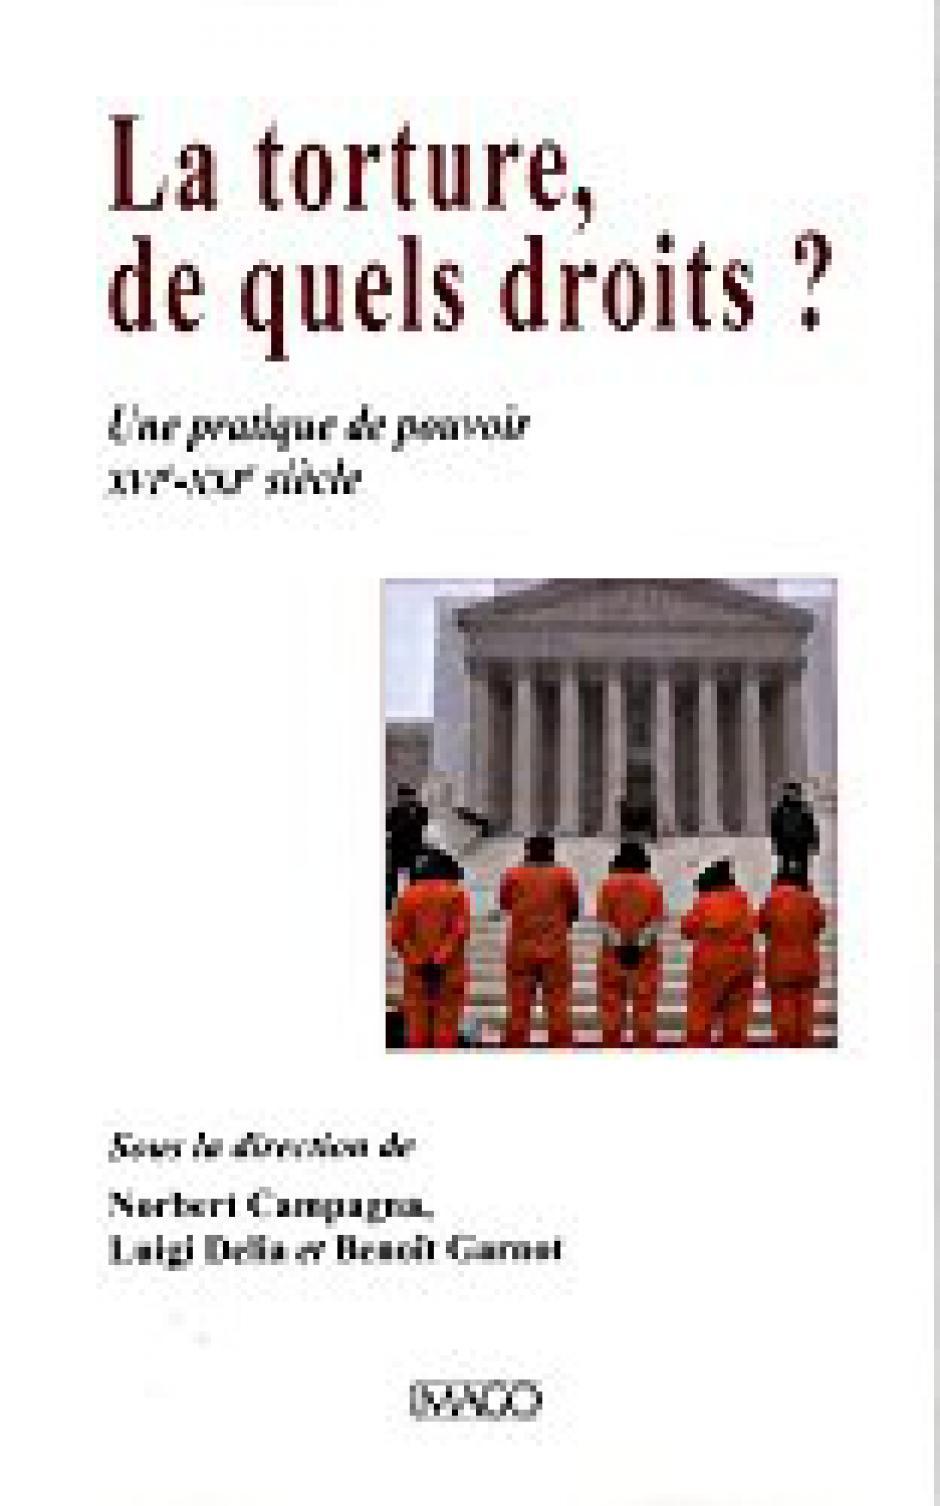 De Beccaria à Foucault, l'évolution des peines en perspective,  Entretien avec Luigi Delia*